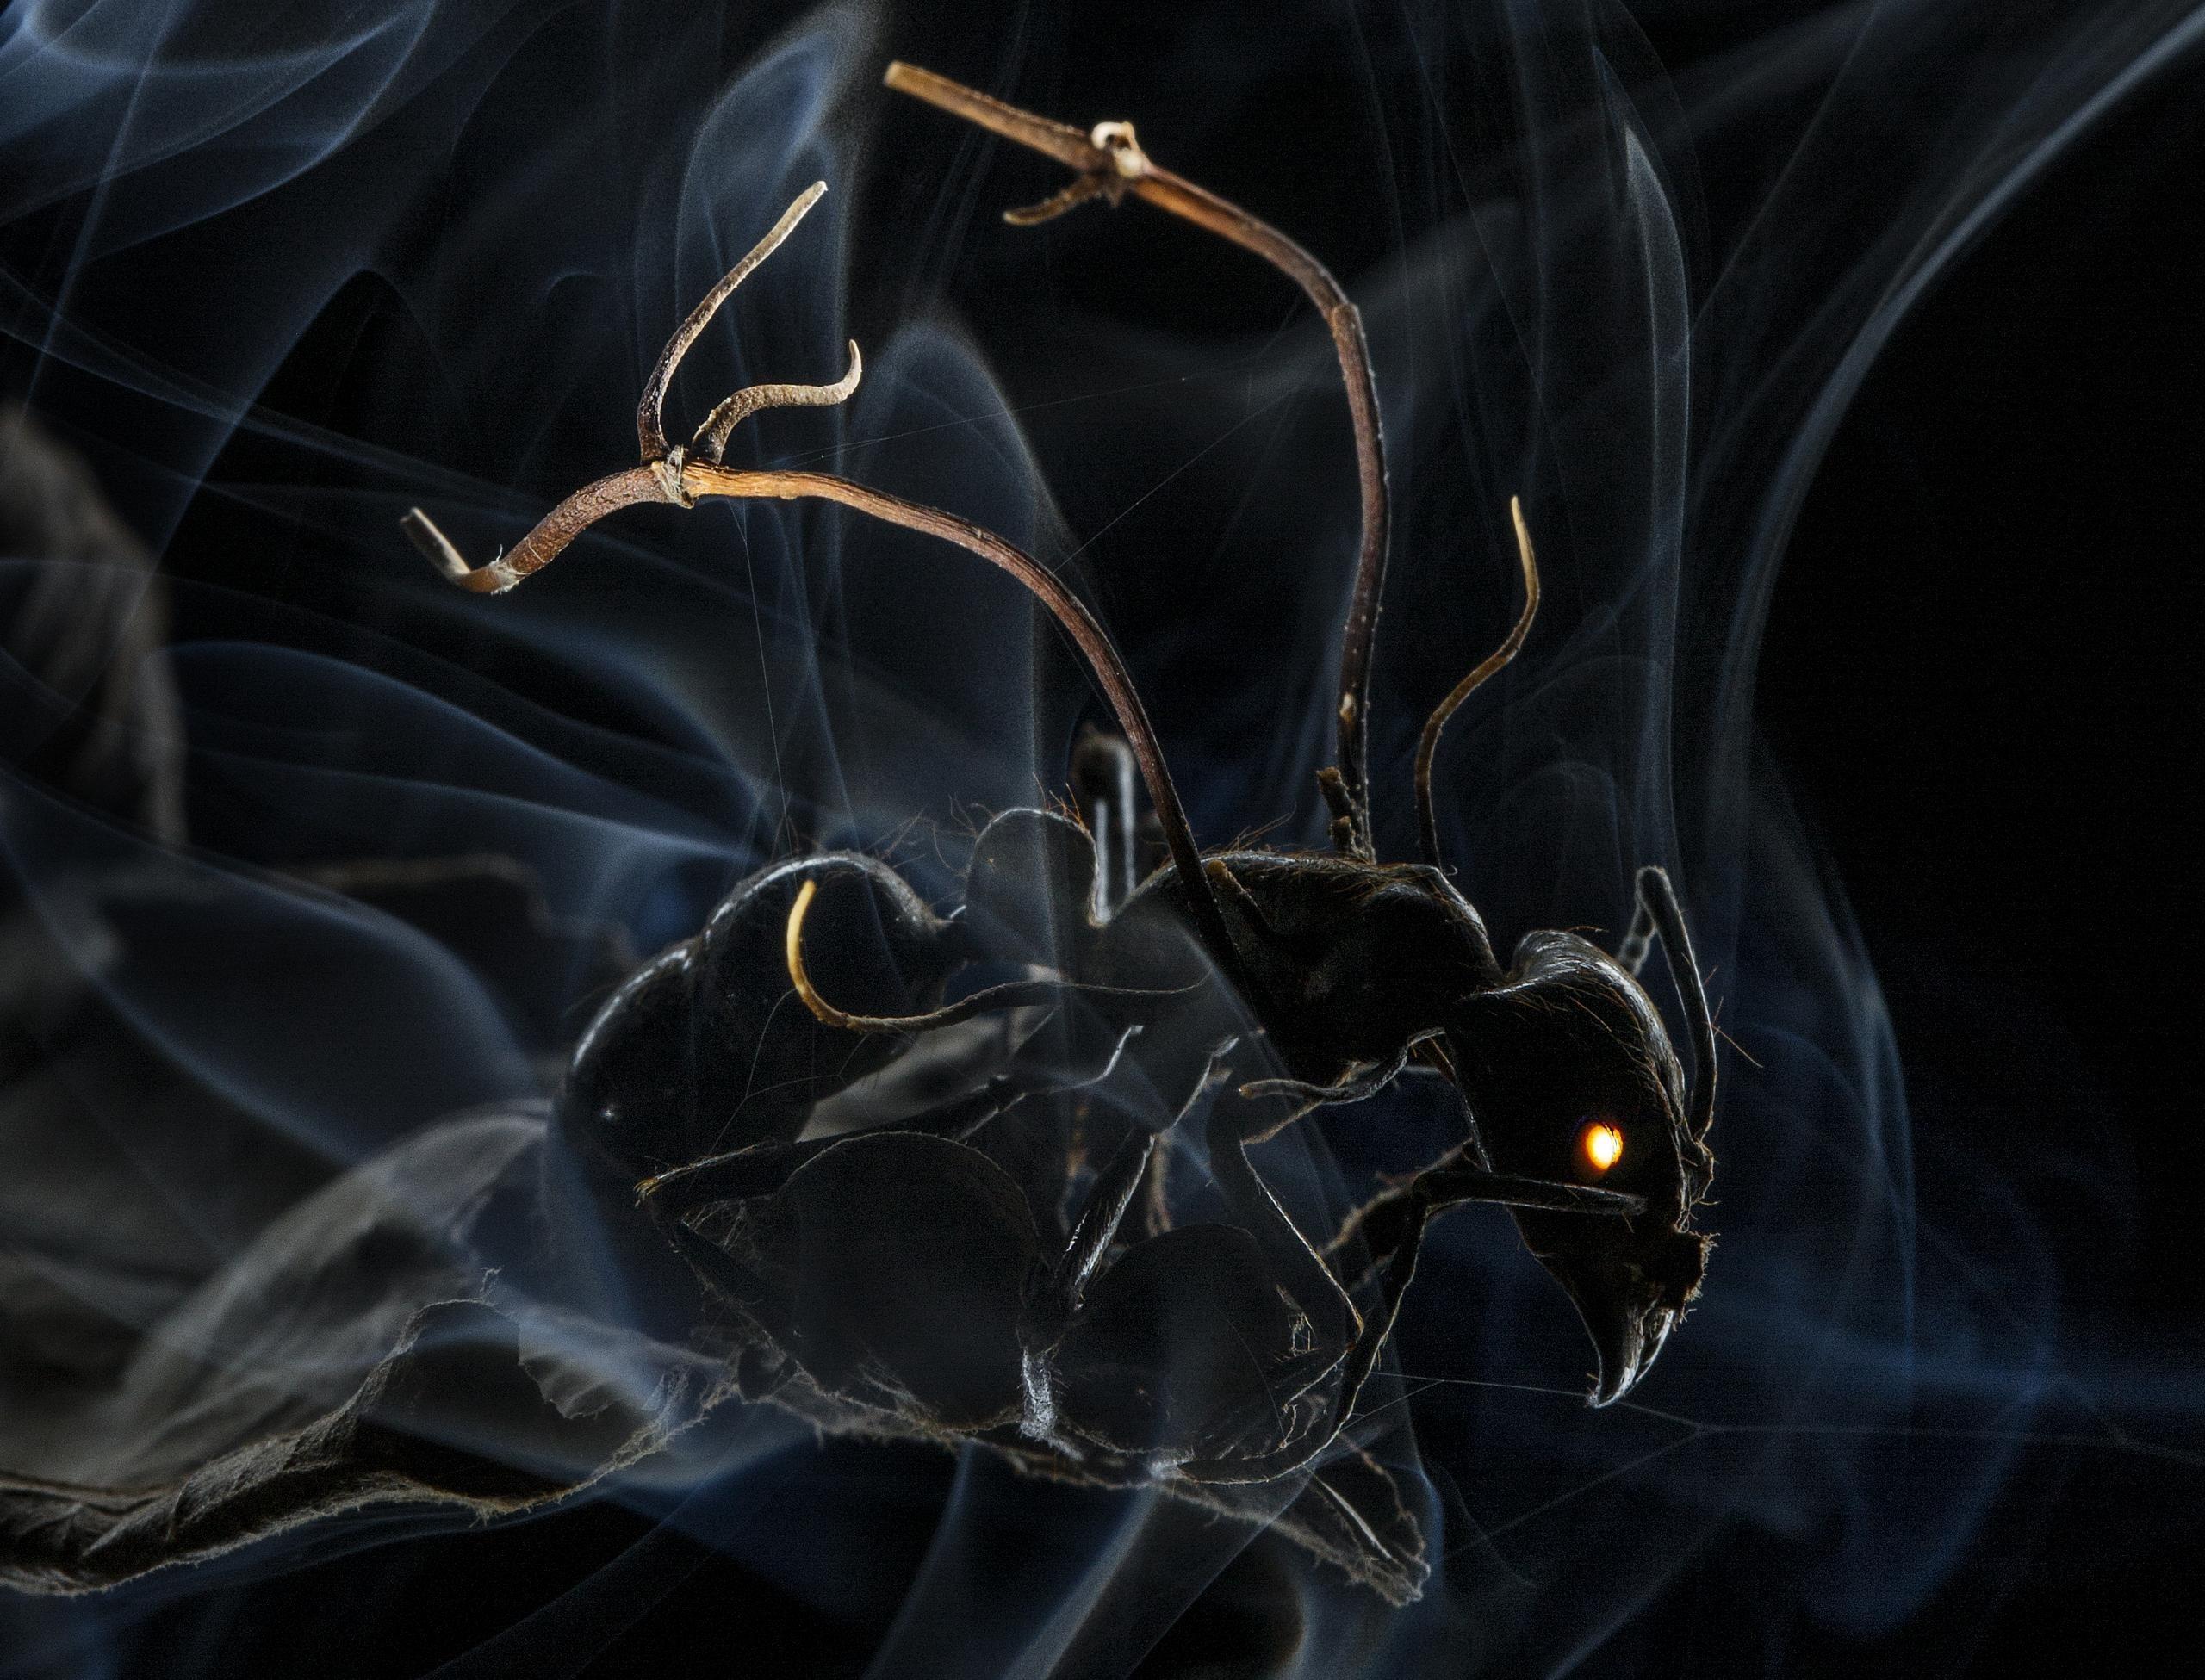 fourmi-infectee-par-un-champignon-controlant-son-esprit-anand-varma